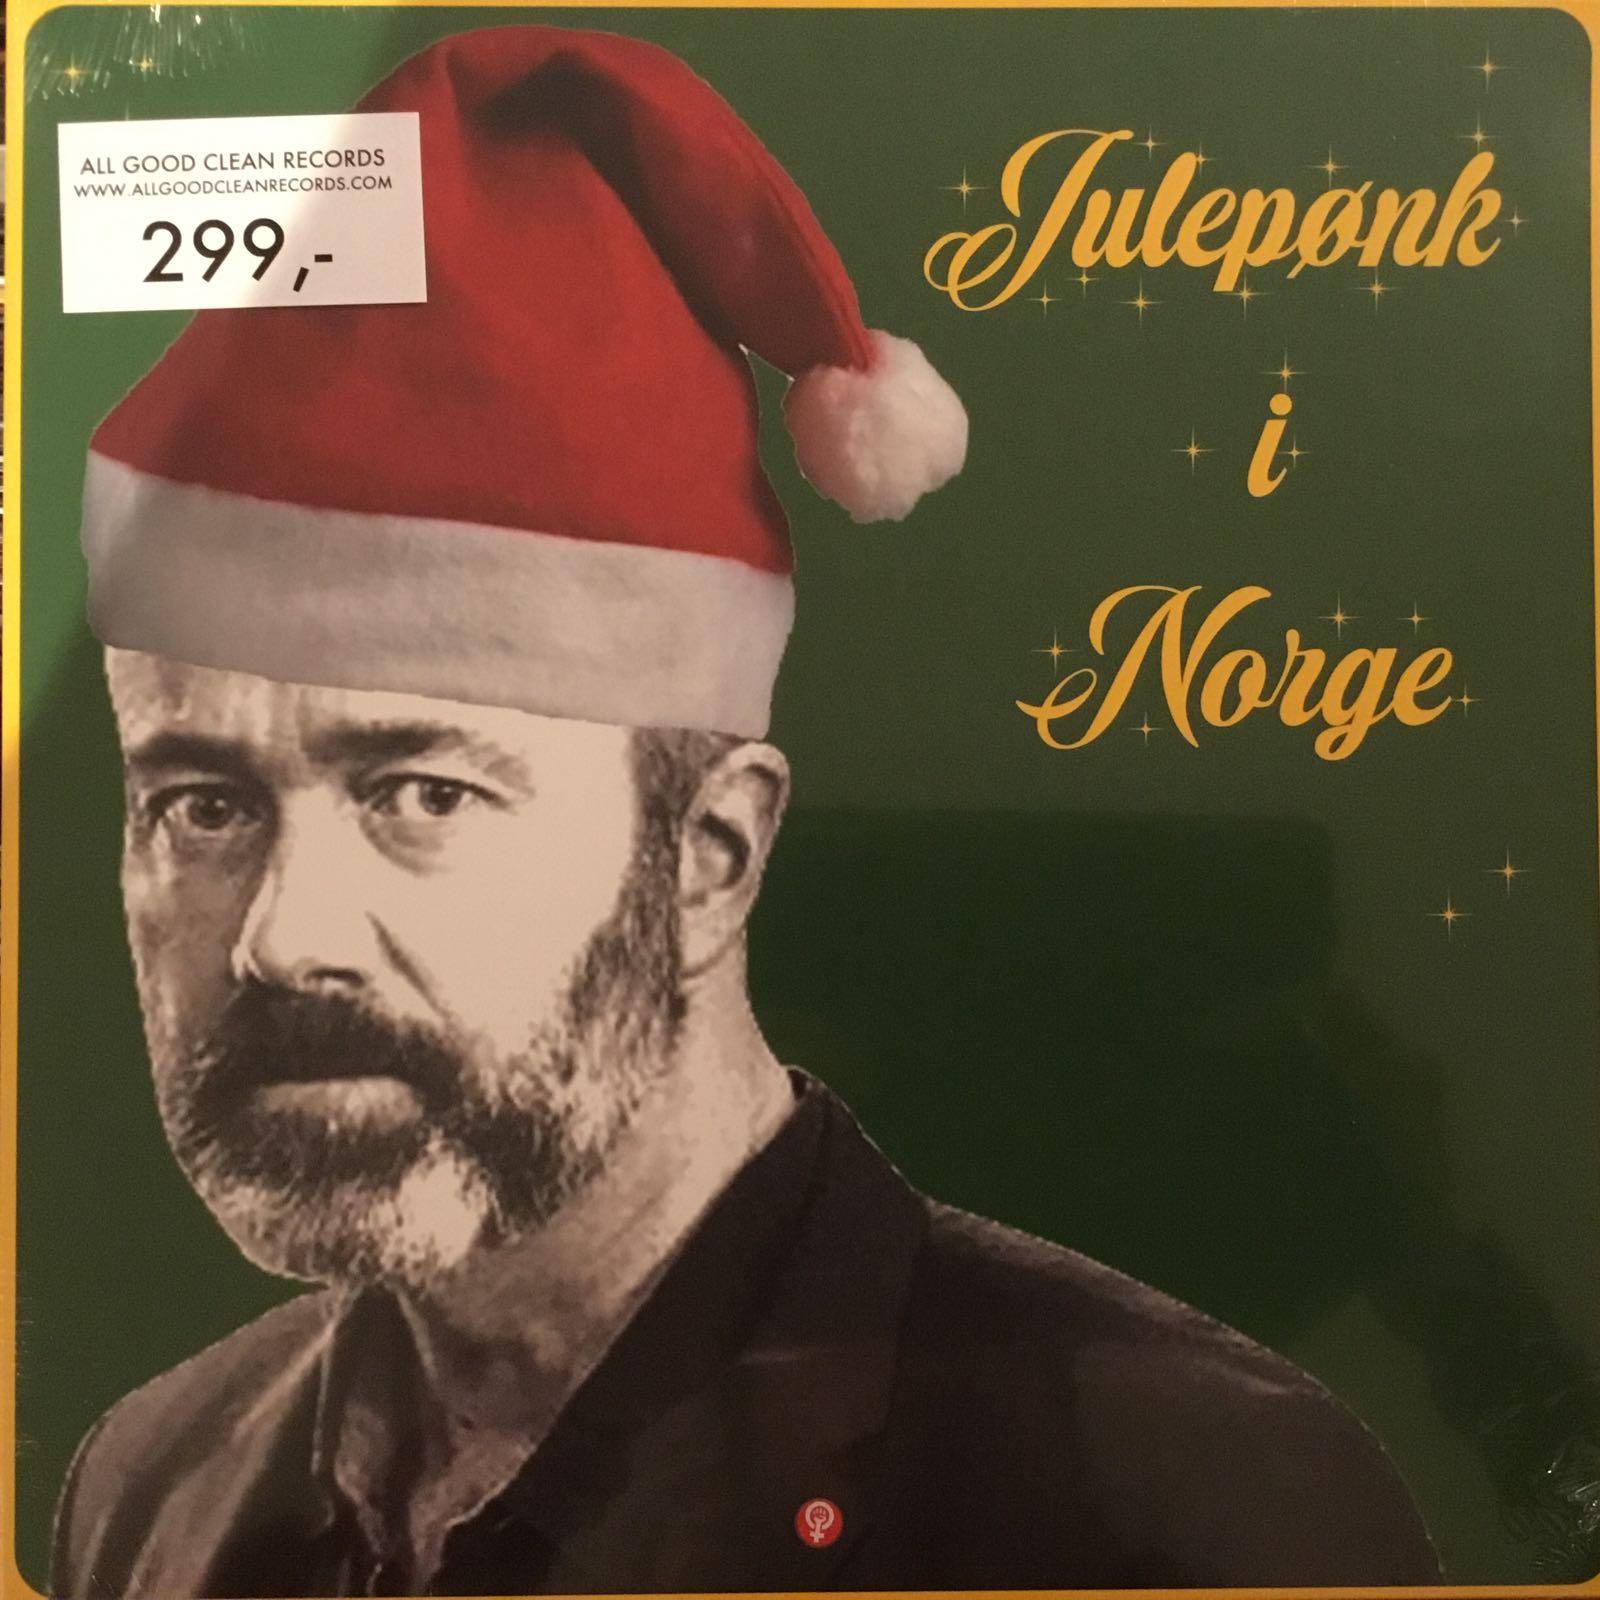 Diverse artister - Julepønk i Norge [LP]